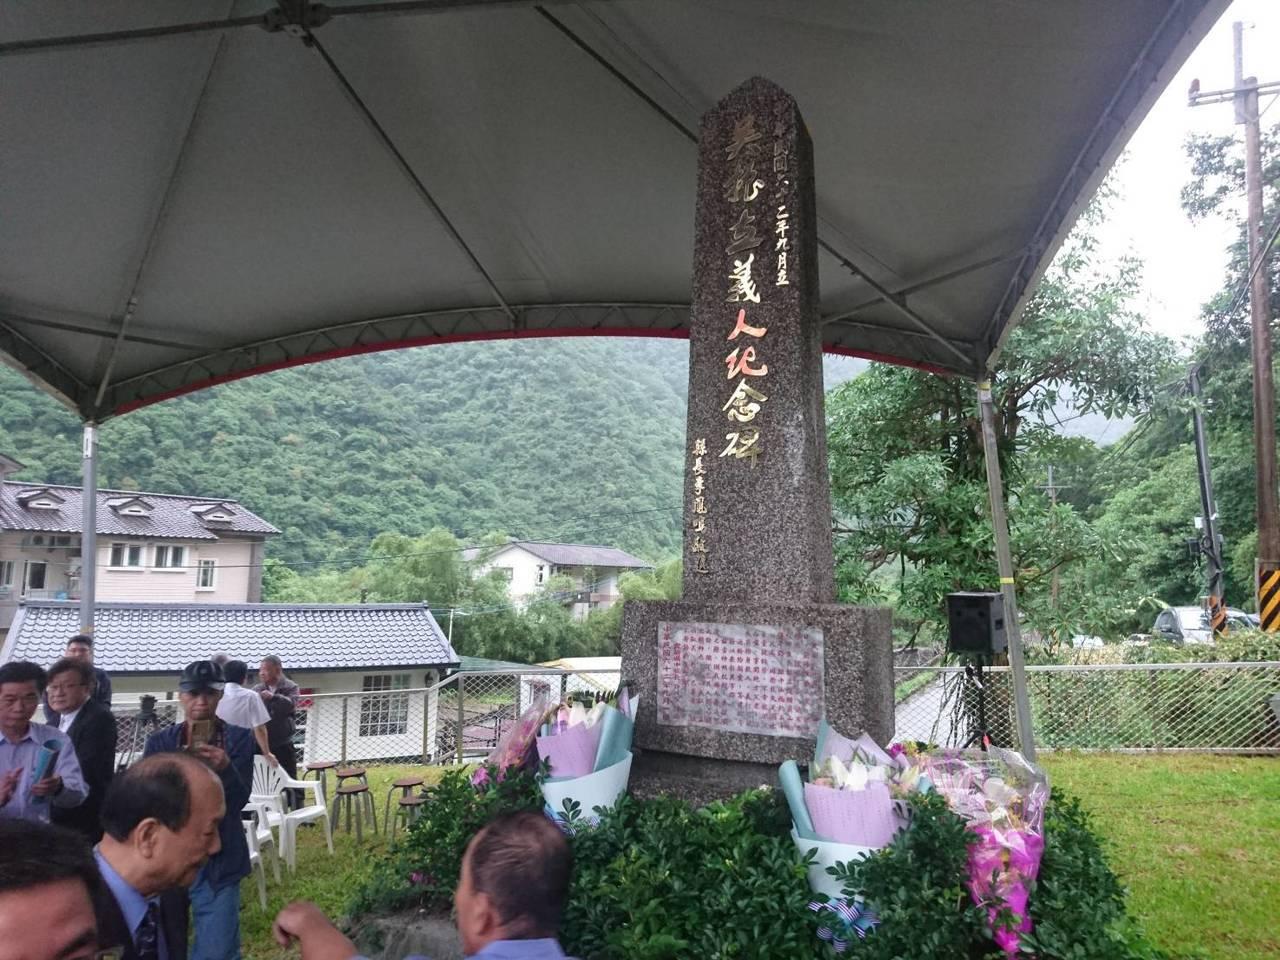 義人吳振立紀念碑遷移到吳振立出生地旁,以便家屬就近維護追思。記者羅建旺/攝影